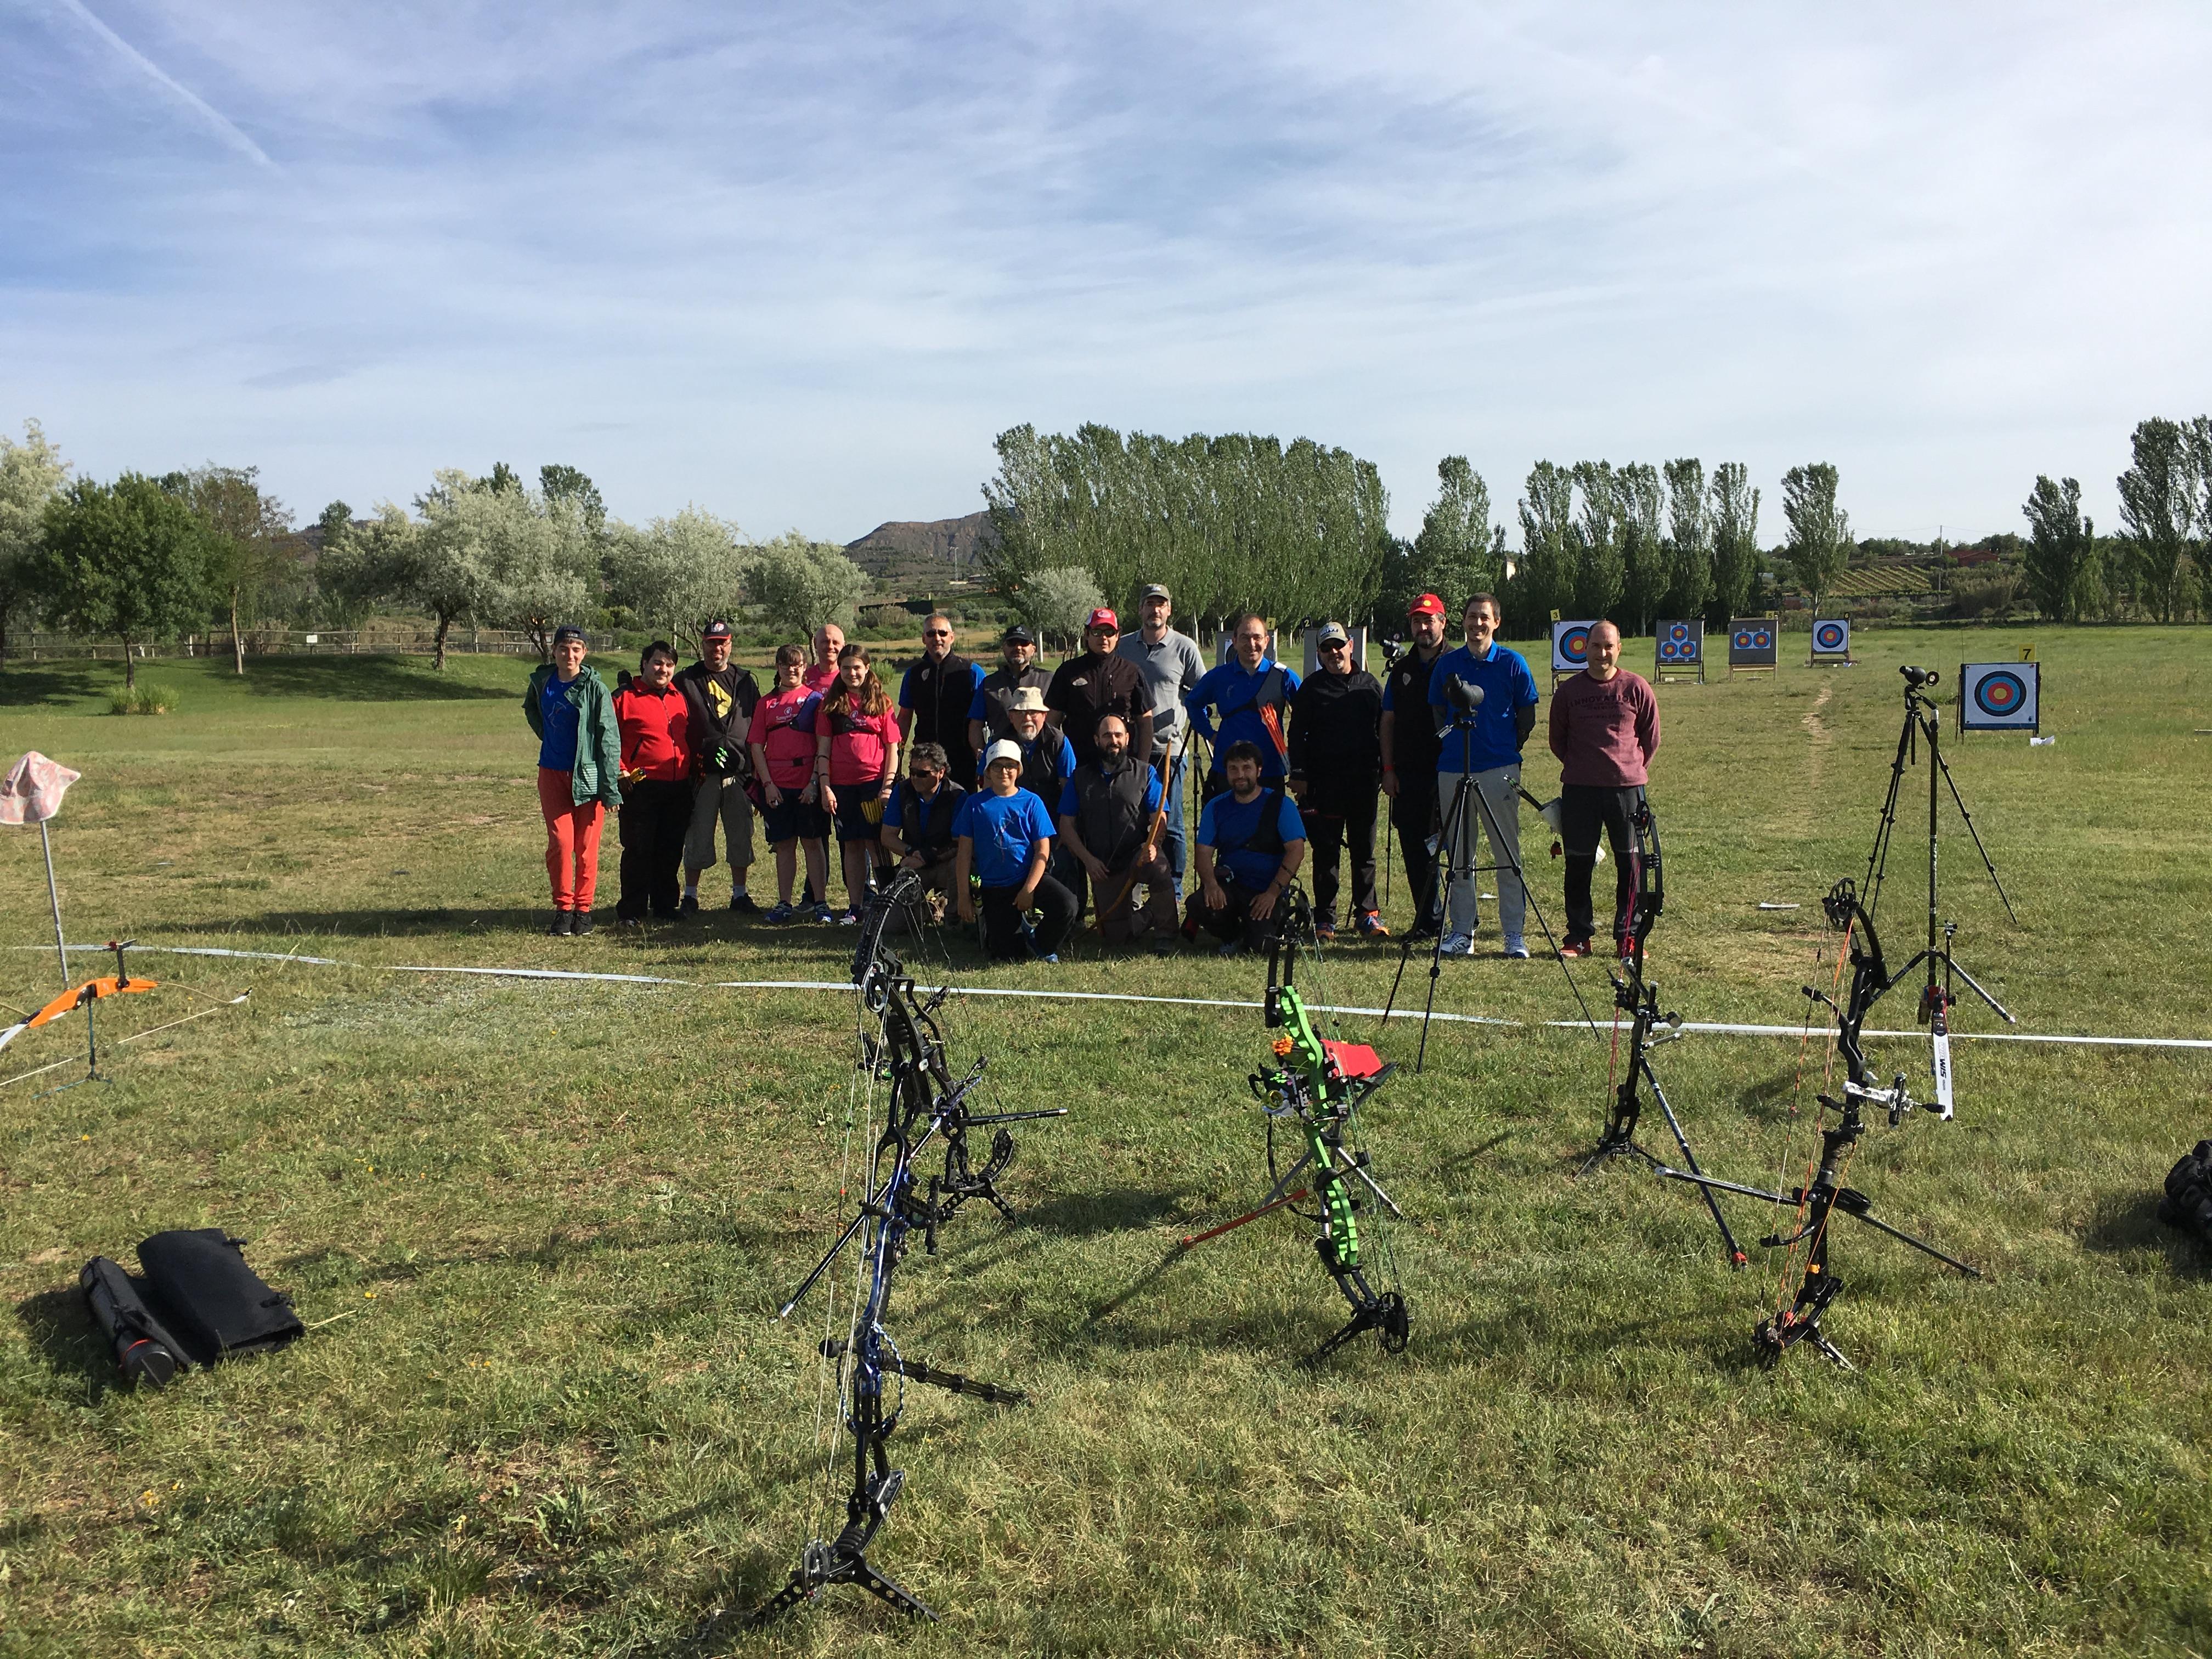 II Campeonato Eypos Aire Libre 2017